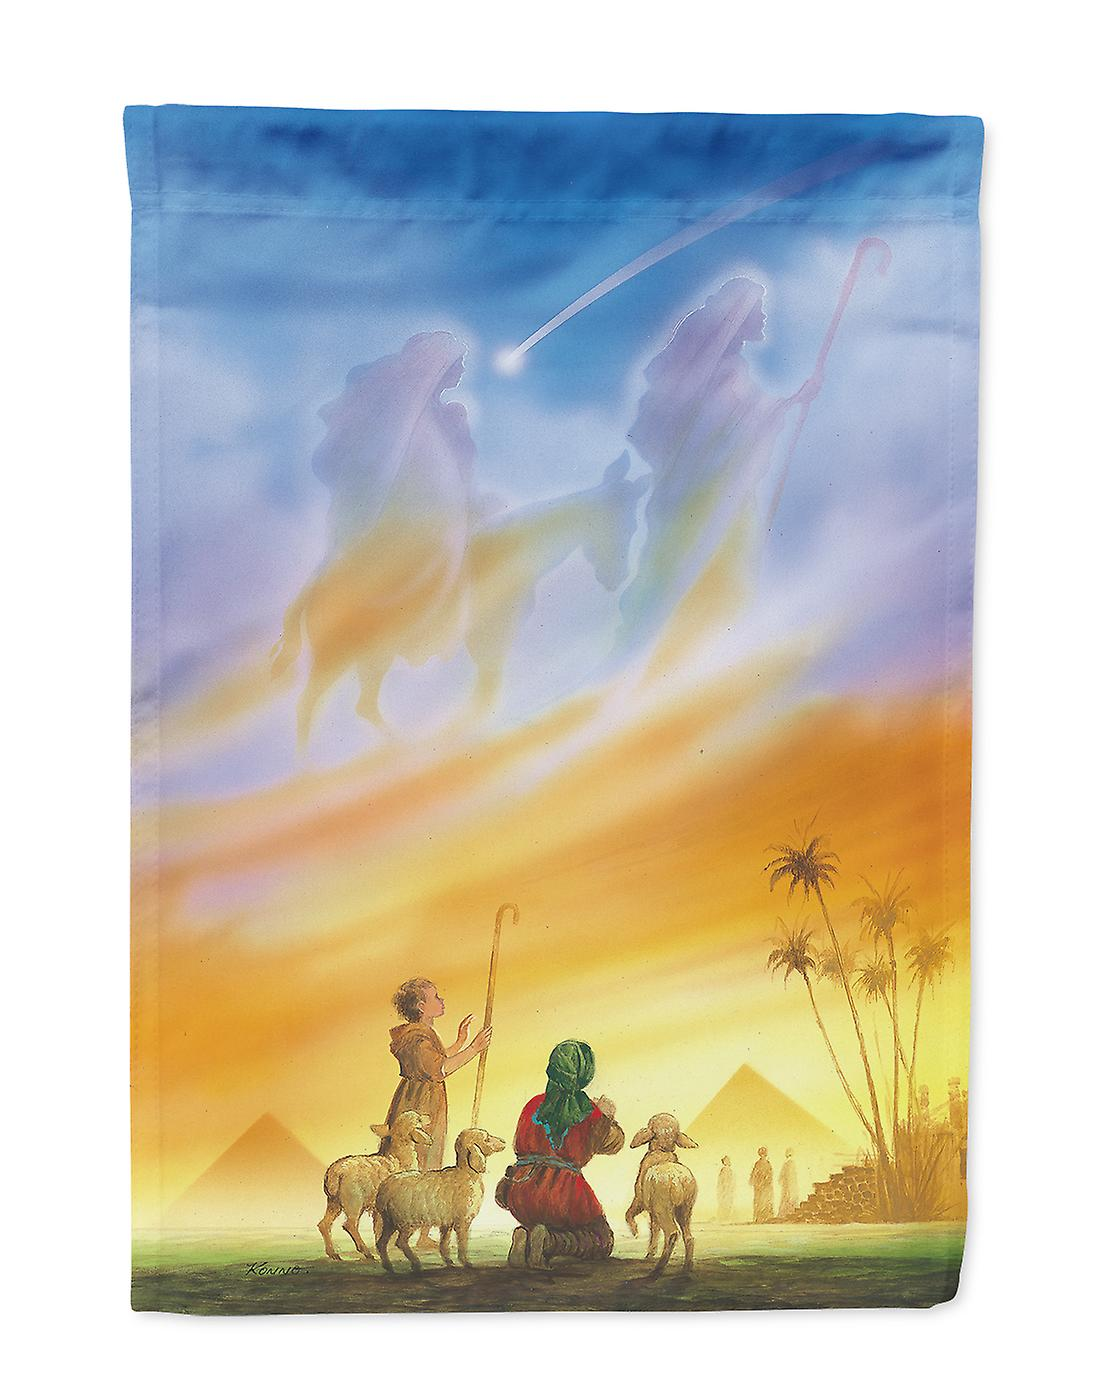 Hirten Bilder Weihnachten.Carolines Schätze Aph0939gf Hirten Geführt Weihnachten Fahne Garten Größe